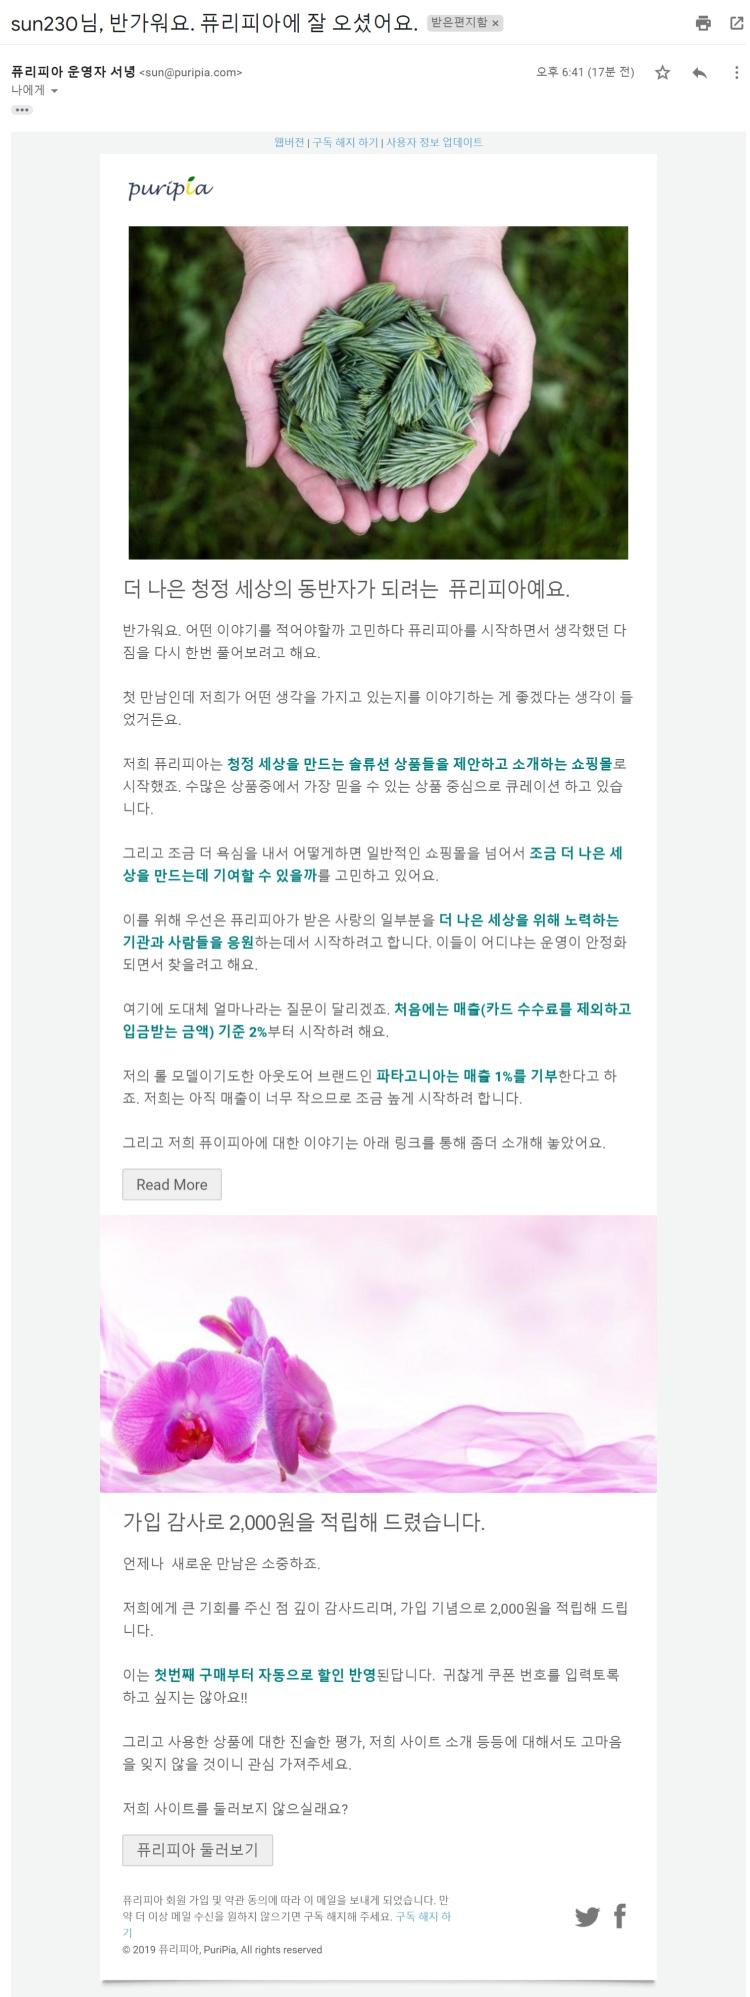 퓨리피아 웰컴메일 최종 이메일로 수신 모습